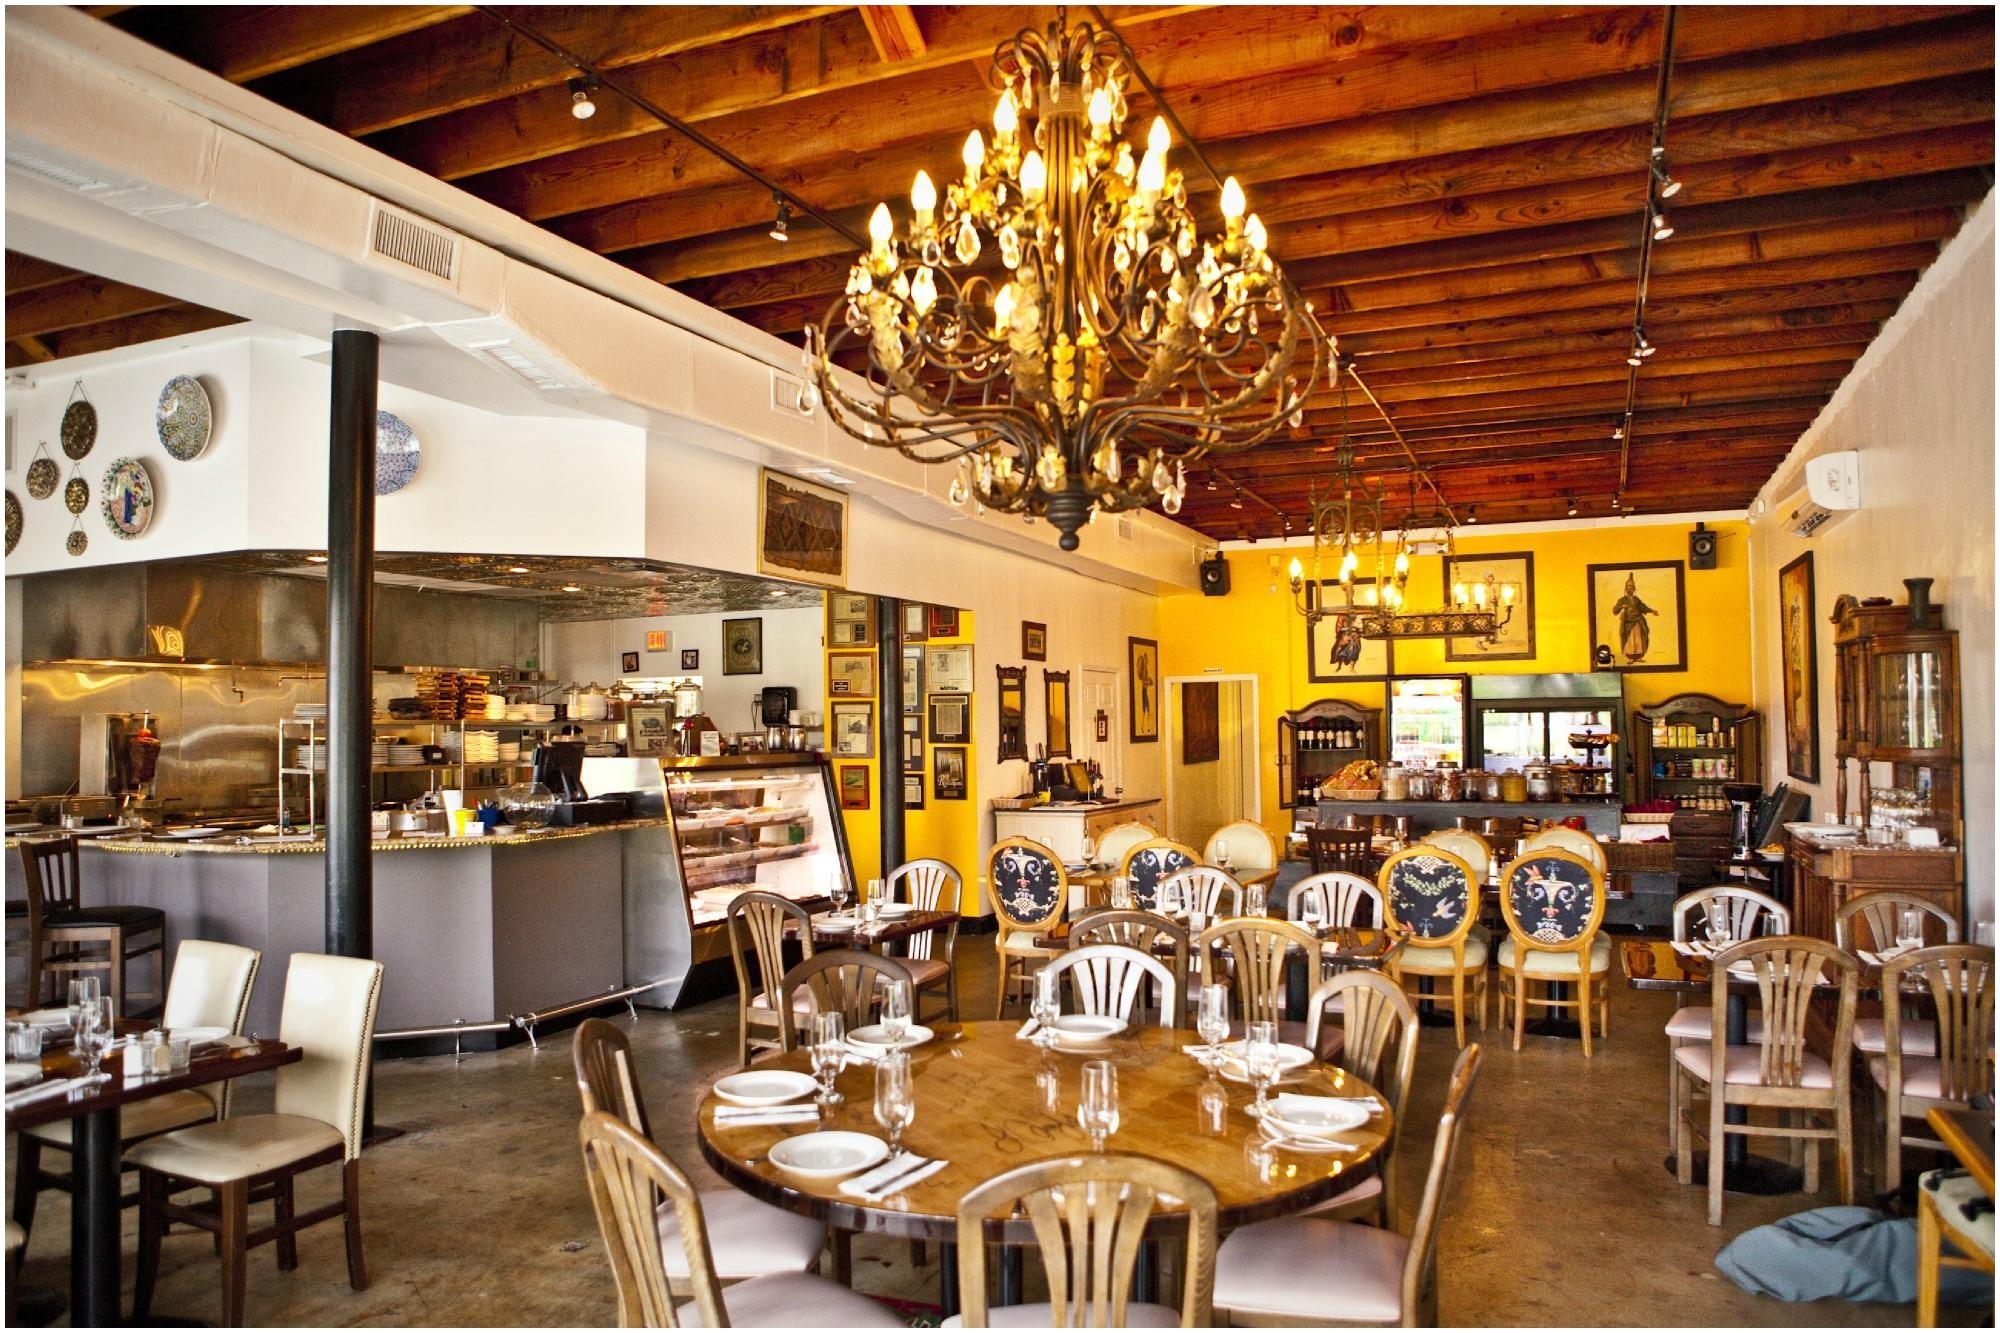 Agora Mediterranean Kitchen · Agora Mediterranean Kitchen 1 of 542 Restaurants in West Palm Beach